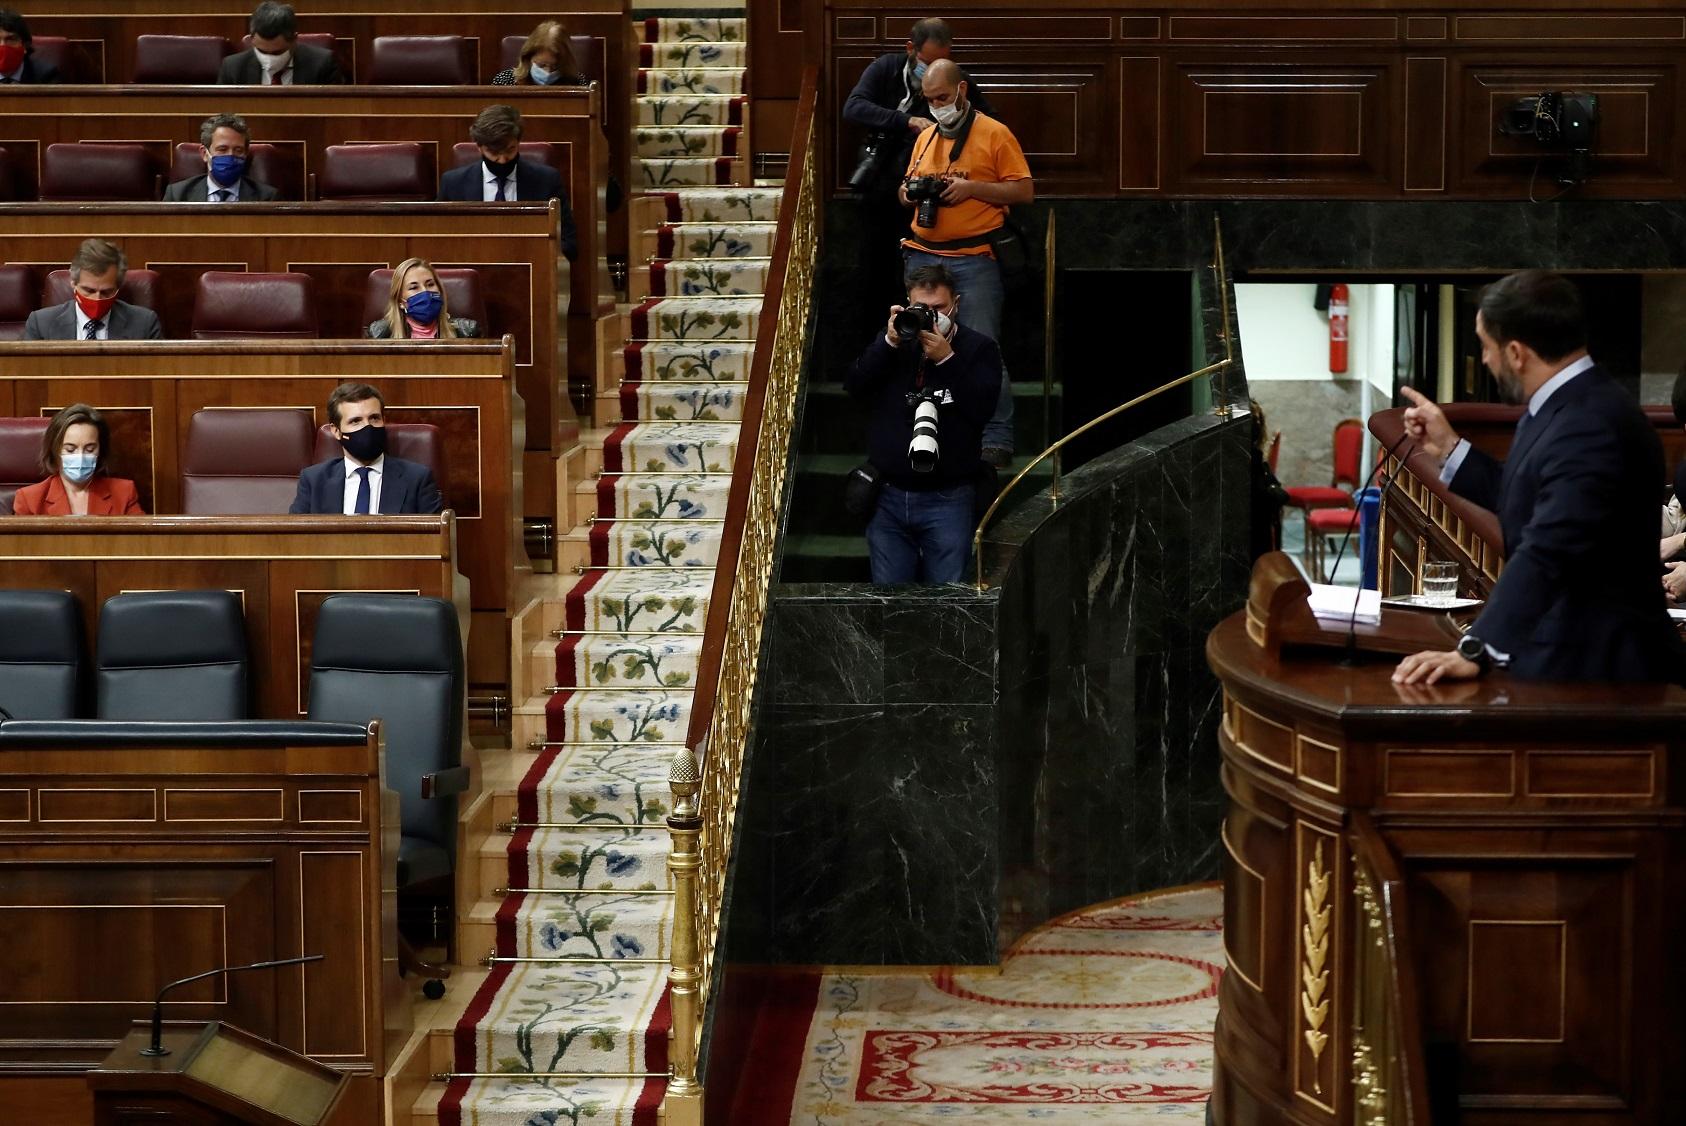 Santiago Abascal interpela a Pablo Casado en el debate de la moción de censura de Vox contra Pedro Sánchez, el 22 de octubre de 2020 en el Congreso de los Diputados | EFE/Mariscal/Archivo